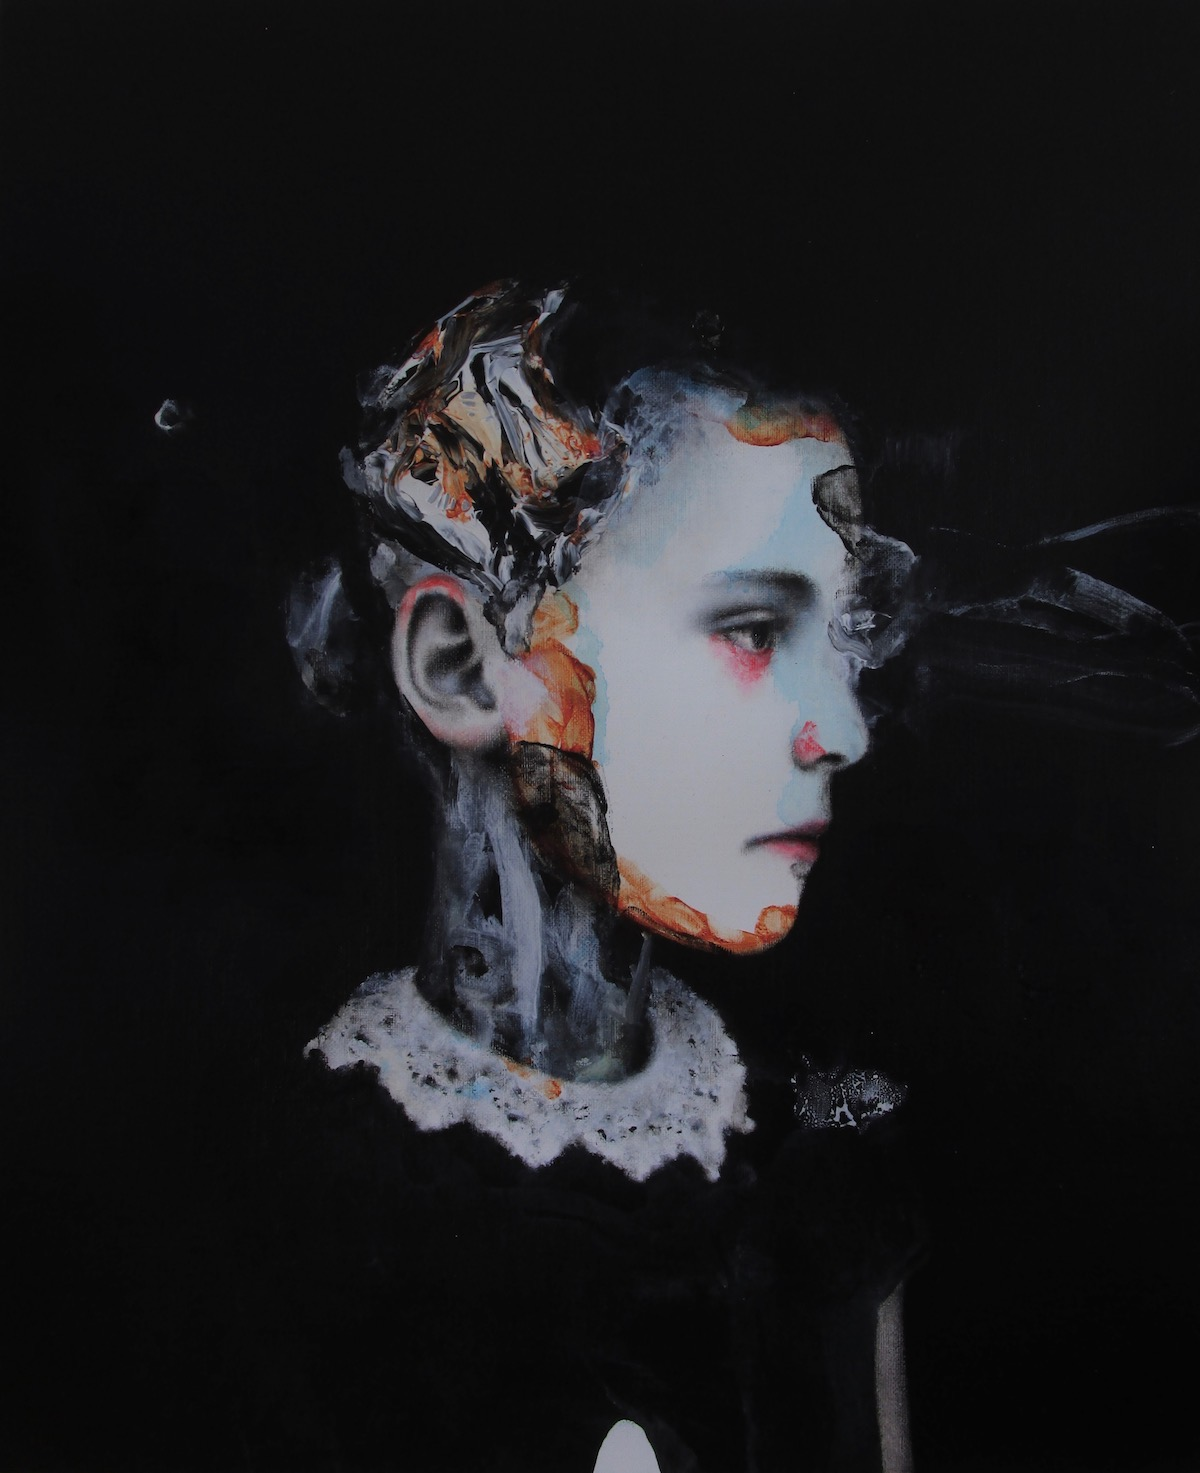 antoine cordet canvas toile peinture painting portrait art artist artiste peintre acrylic oil chapter 7